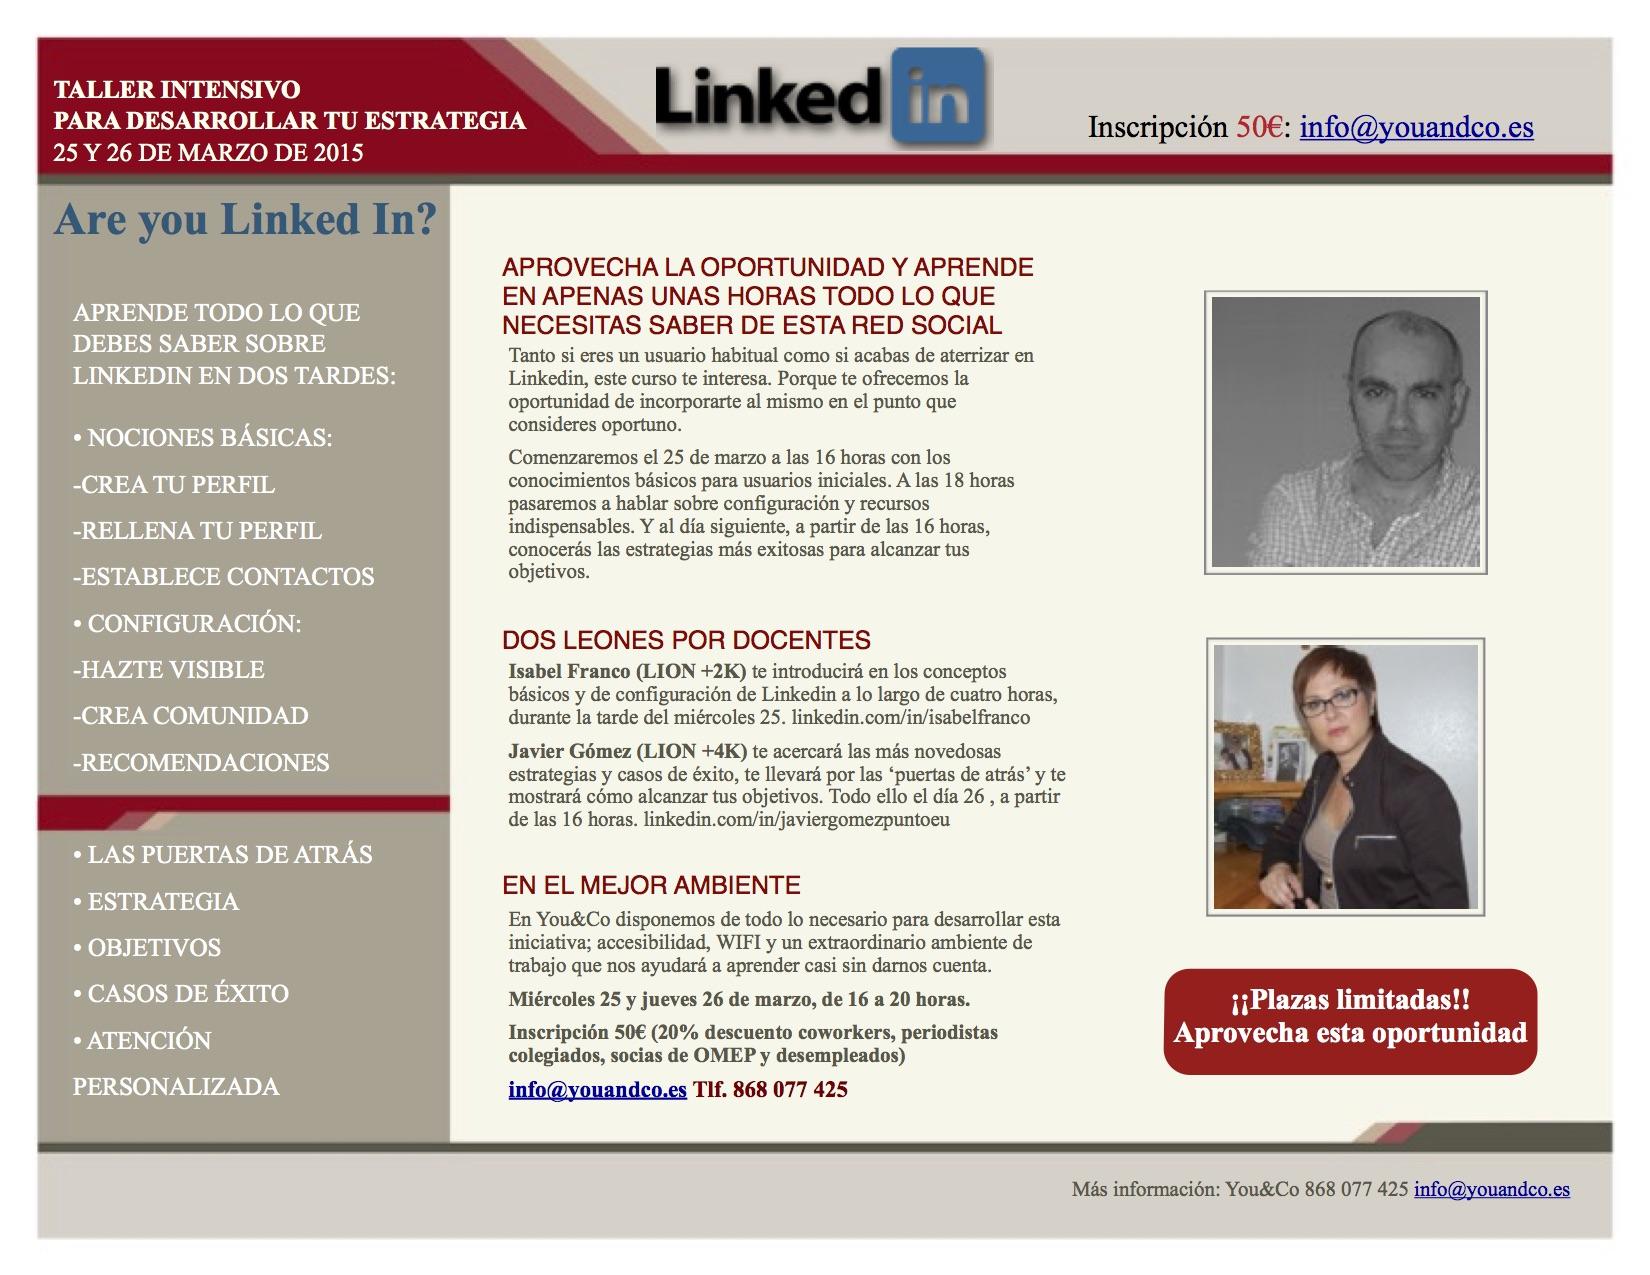 Curso intensivo de Linkedin en You&Co